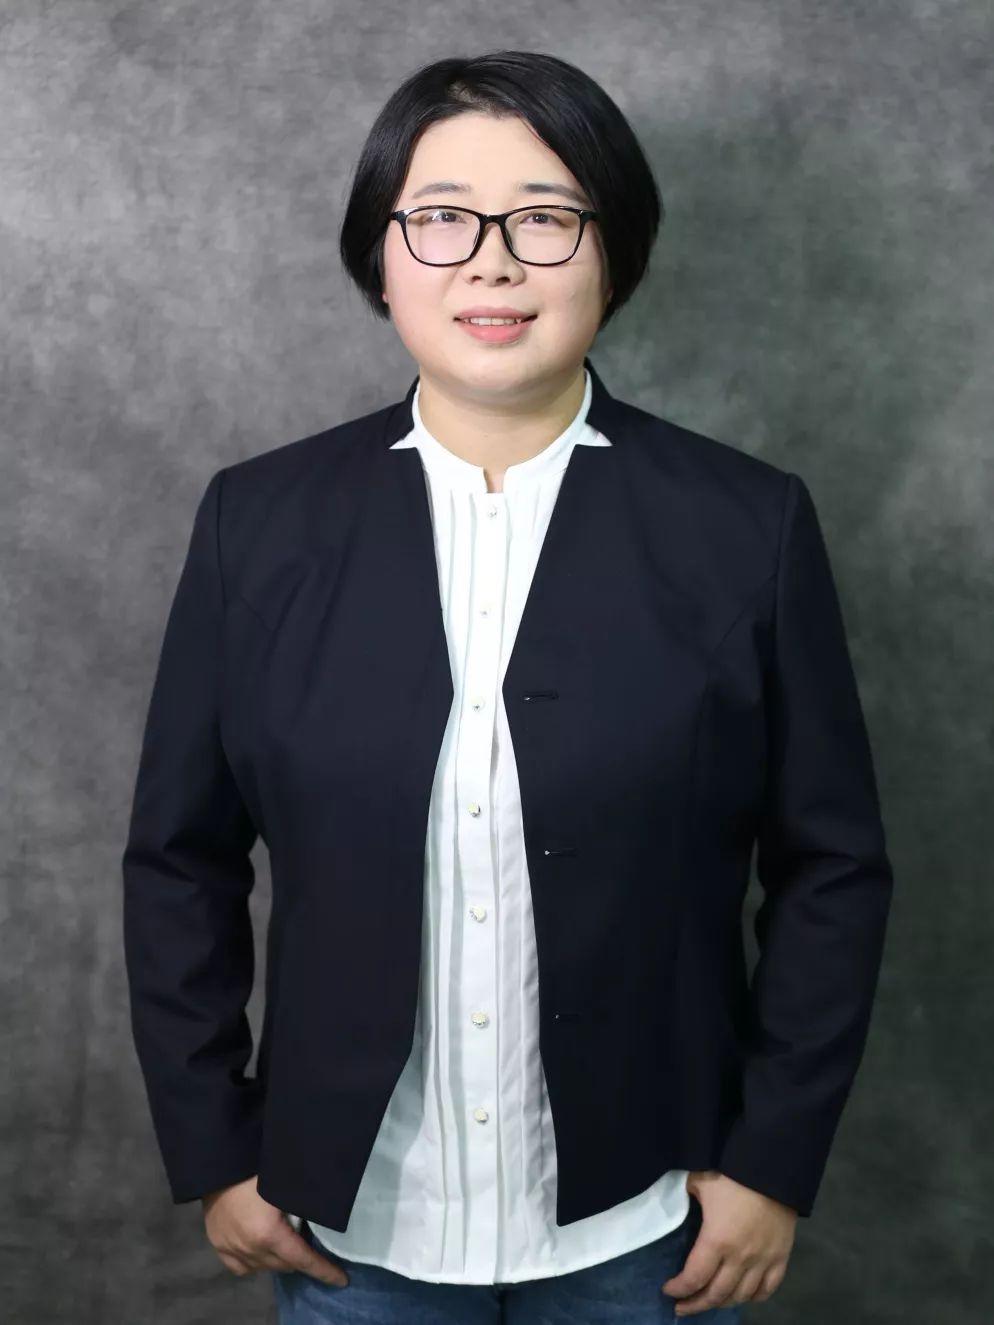 成都七中国际部1月20日校园体验日邀请函